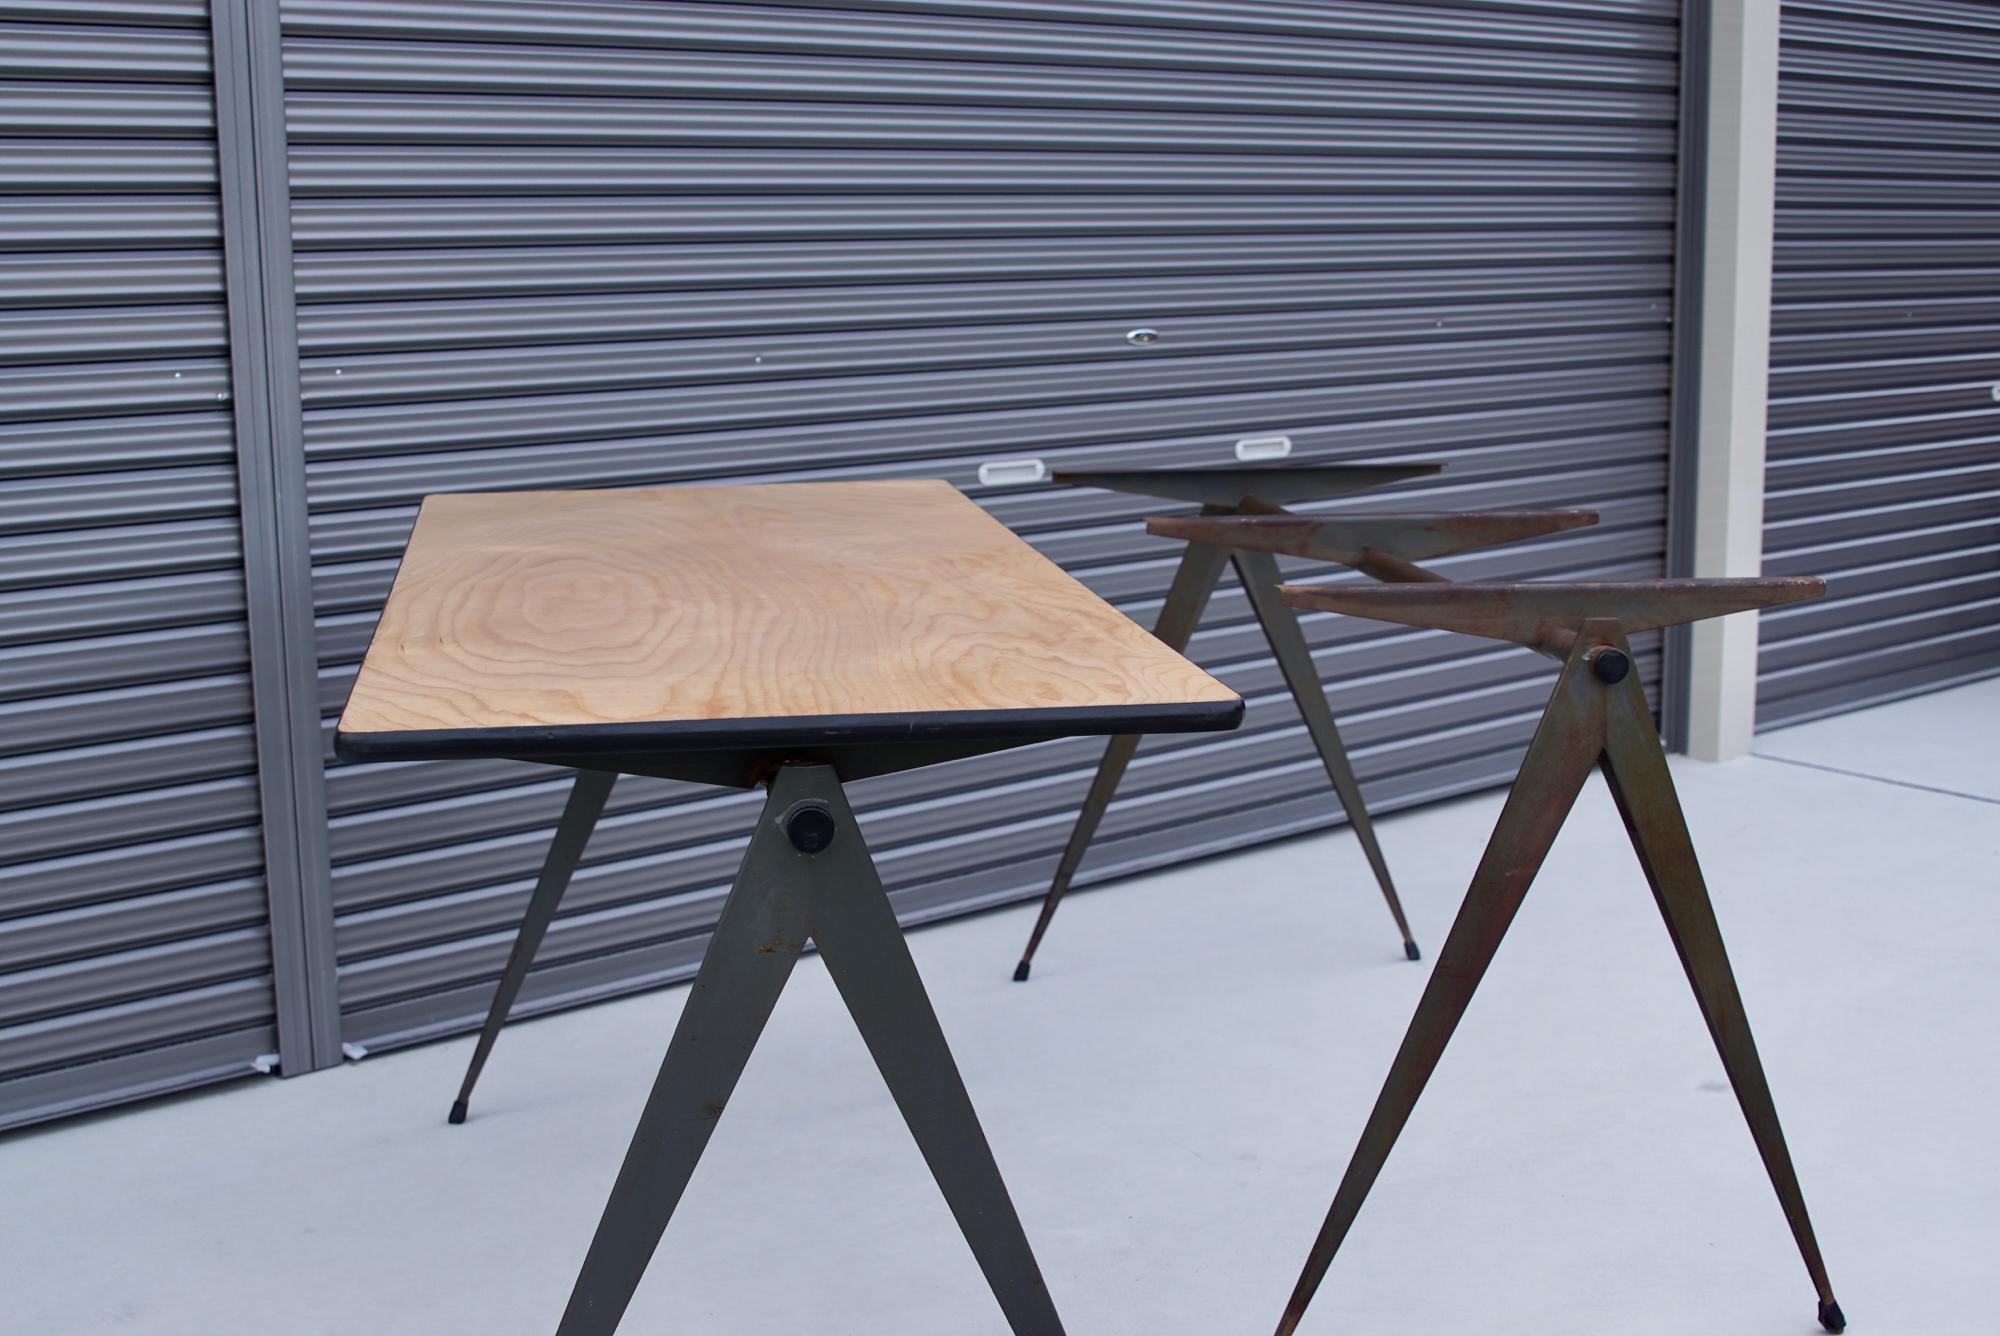 004_008A インダストリアル コンパステーブル - 36